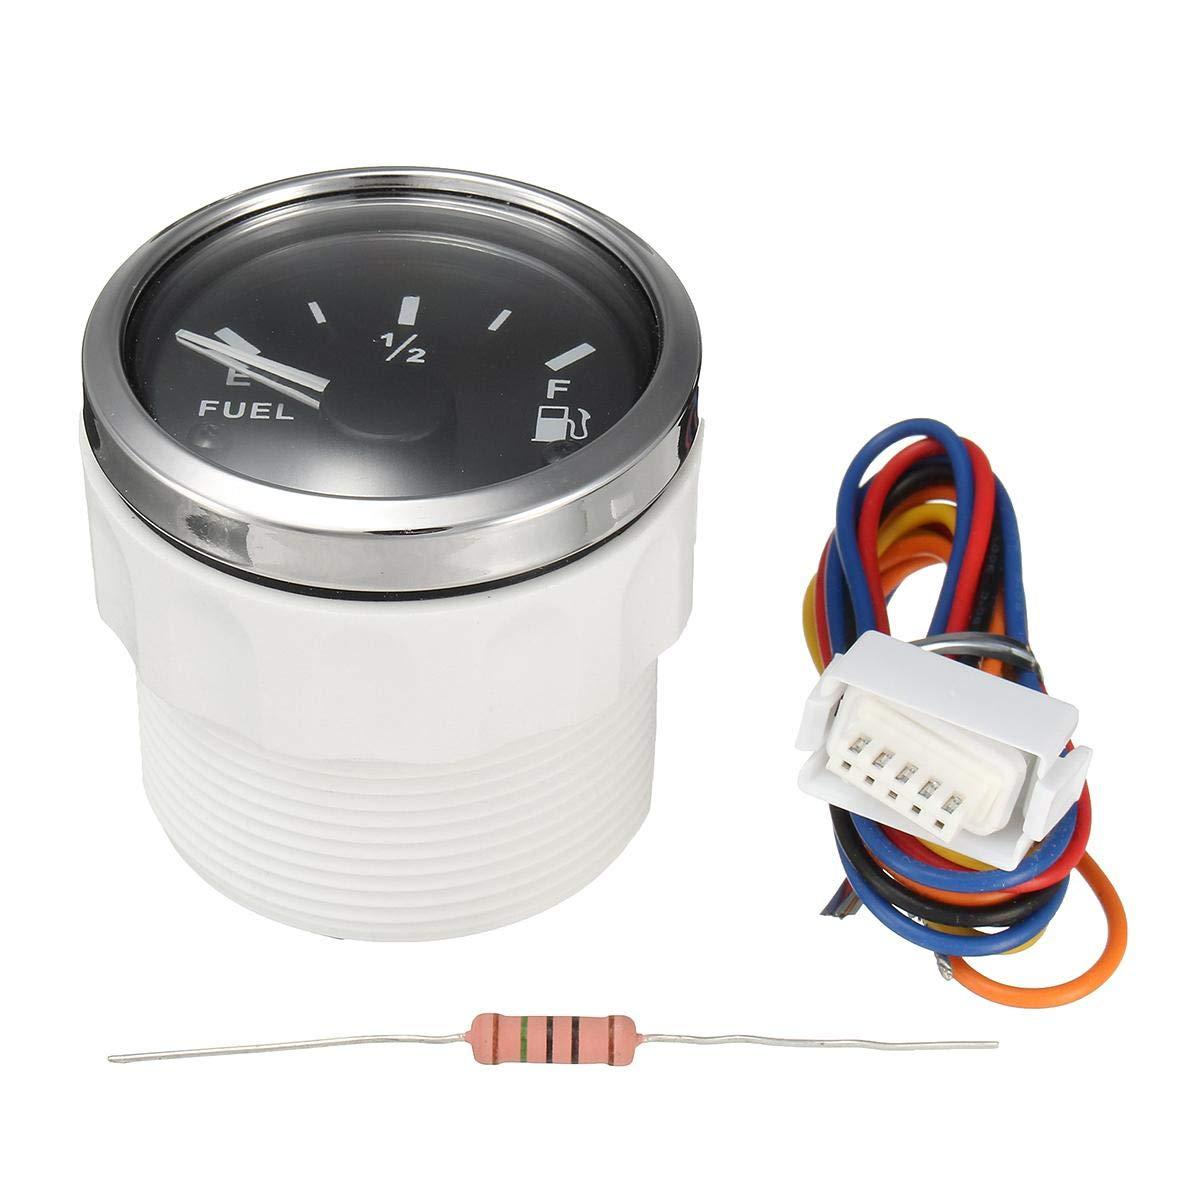 KUS Oil Fuel Level Gauge Meter Indicator 240-33ohm with Backlight 12V//24V 52MM 2